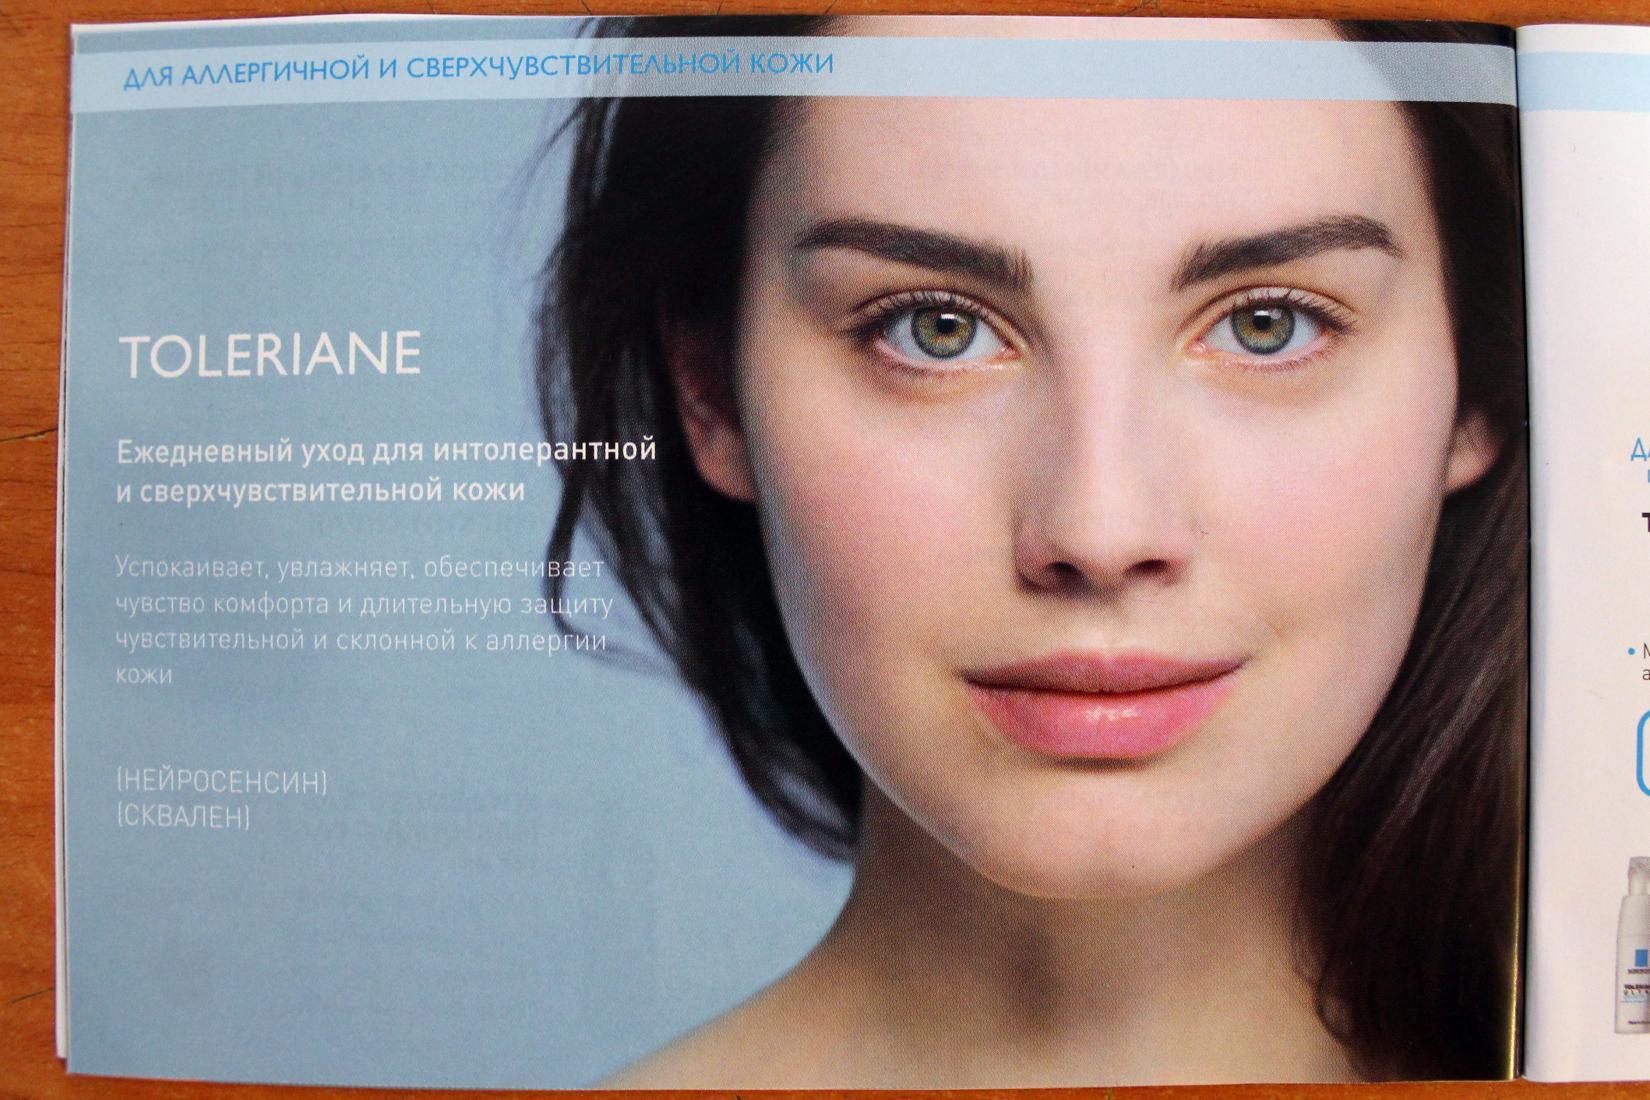 La Roche-Posay, линейка продуктов Toleriane, информация из буклета